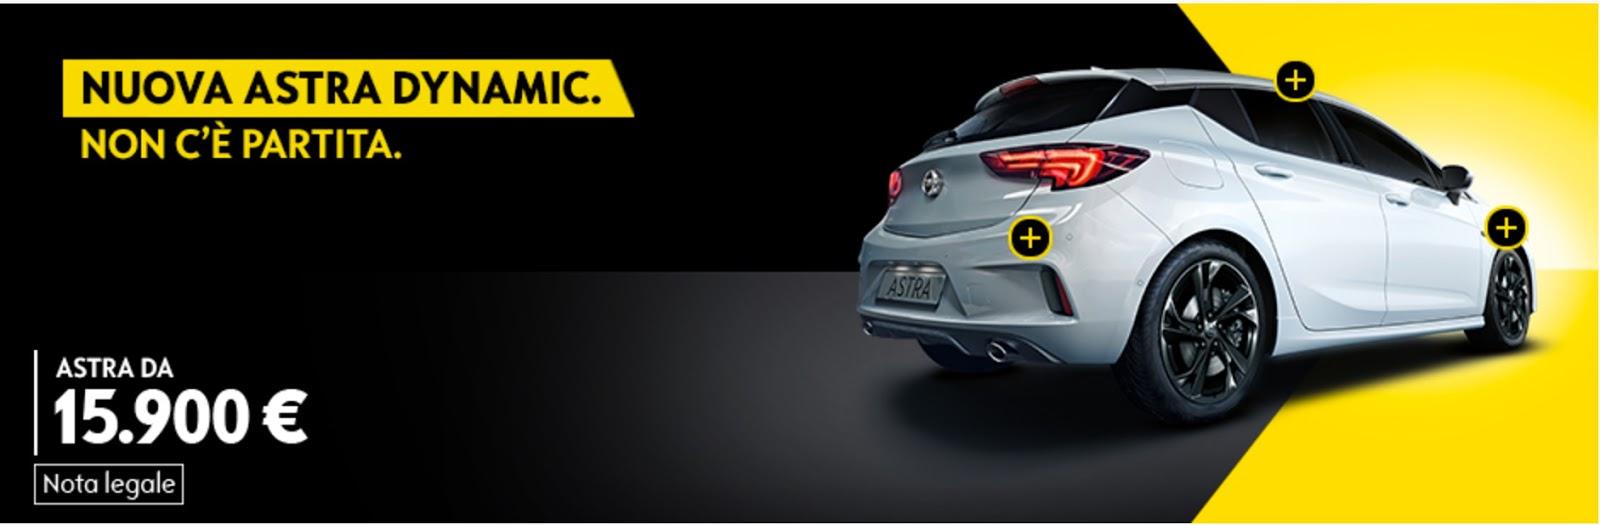 Opel Astra Dynamic: offerta Marzo 2017 - Info promozione